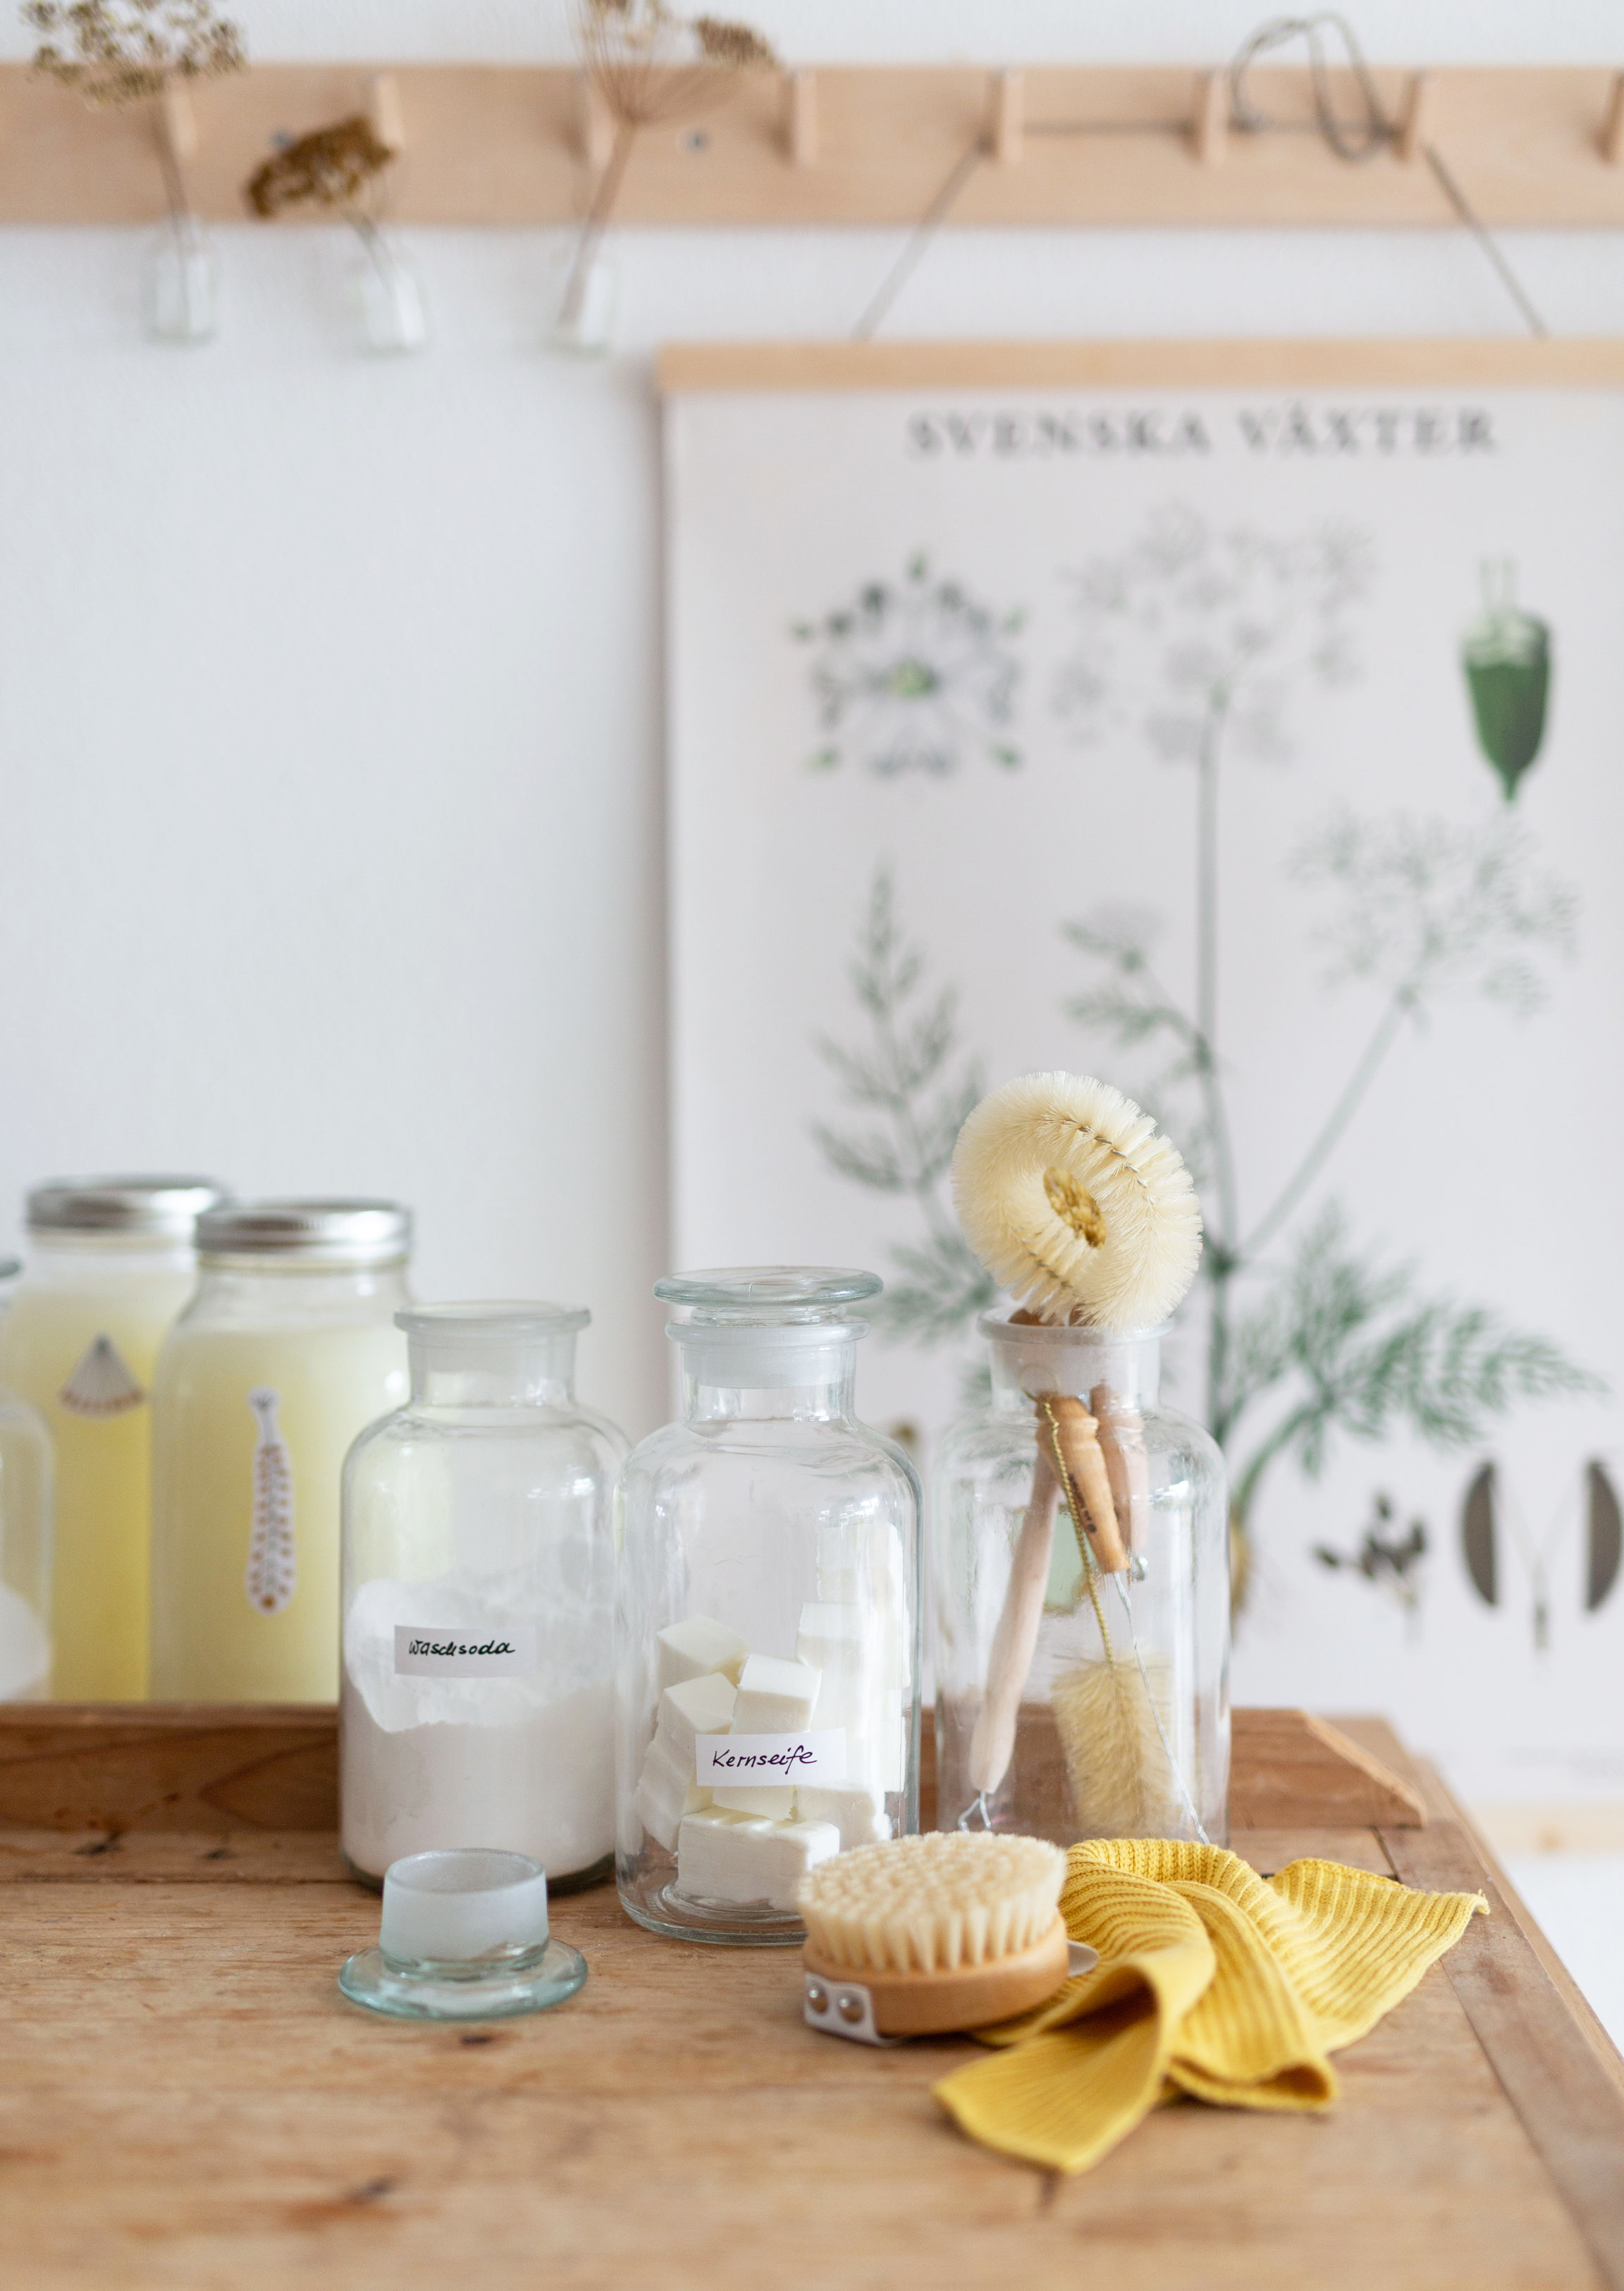 Waschmittel selber machen | Gesunde vegane Rezepte, Fermentation, Nachhaltigkeit - Syl Gervais